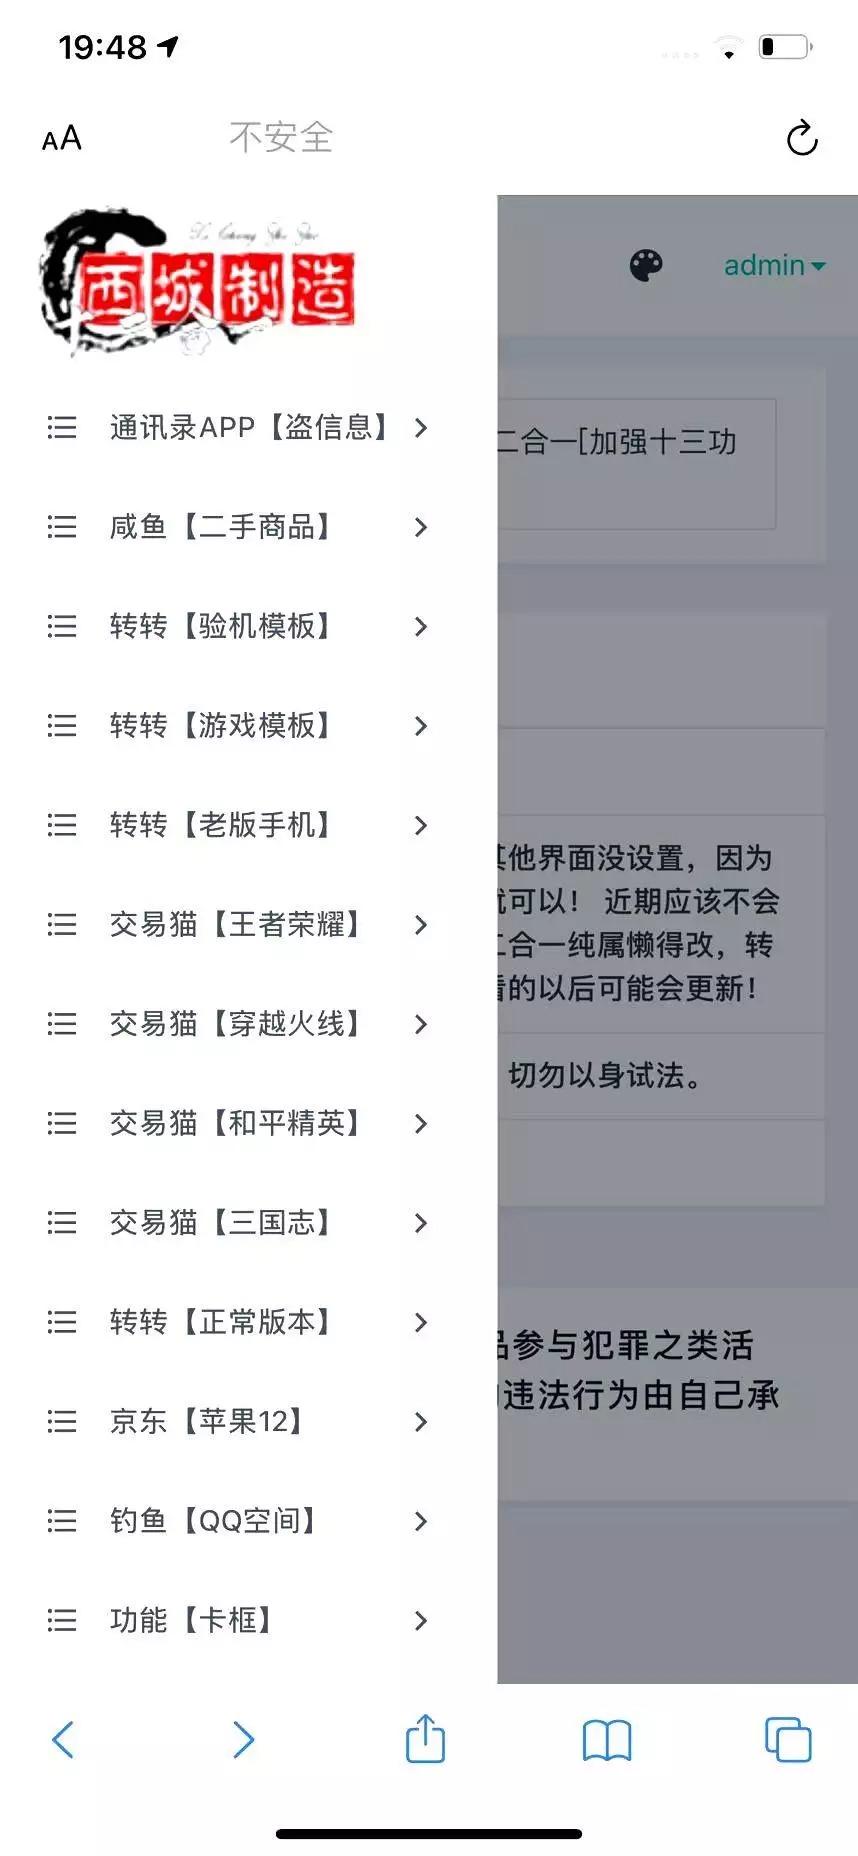 鱼转转鲨鱼台子最新十三合一源码 php源码 其它源码 第1张